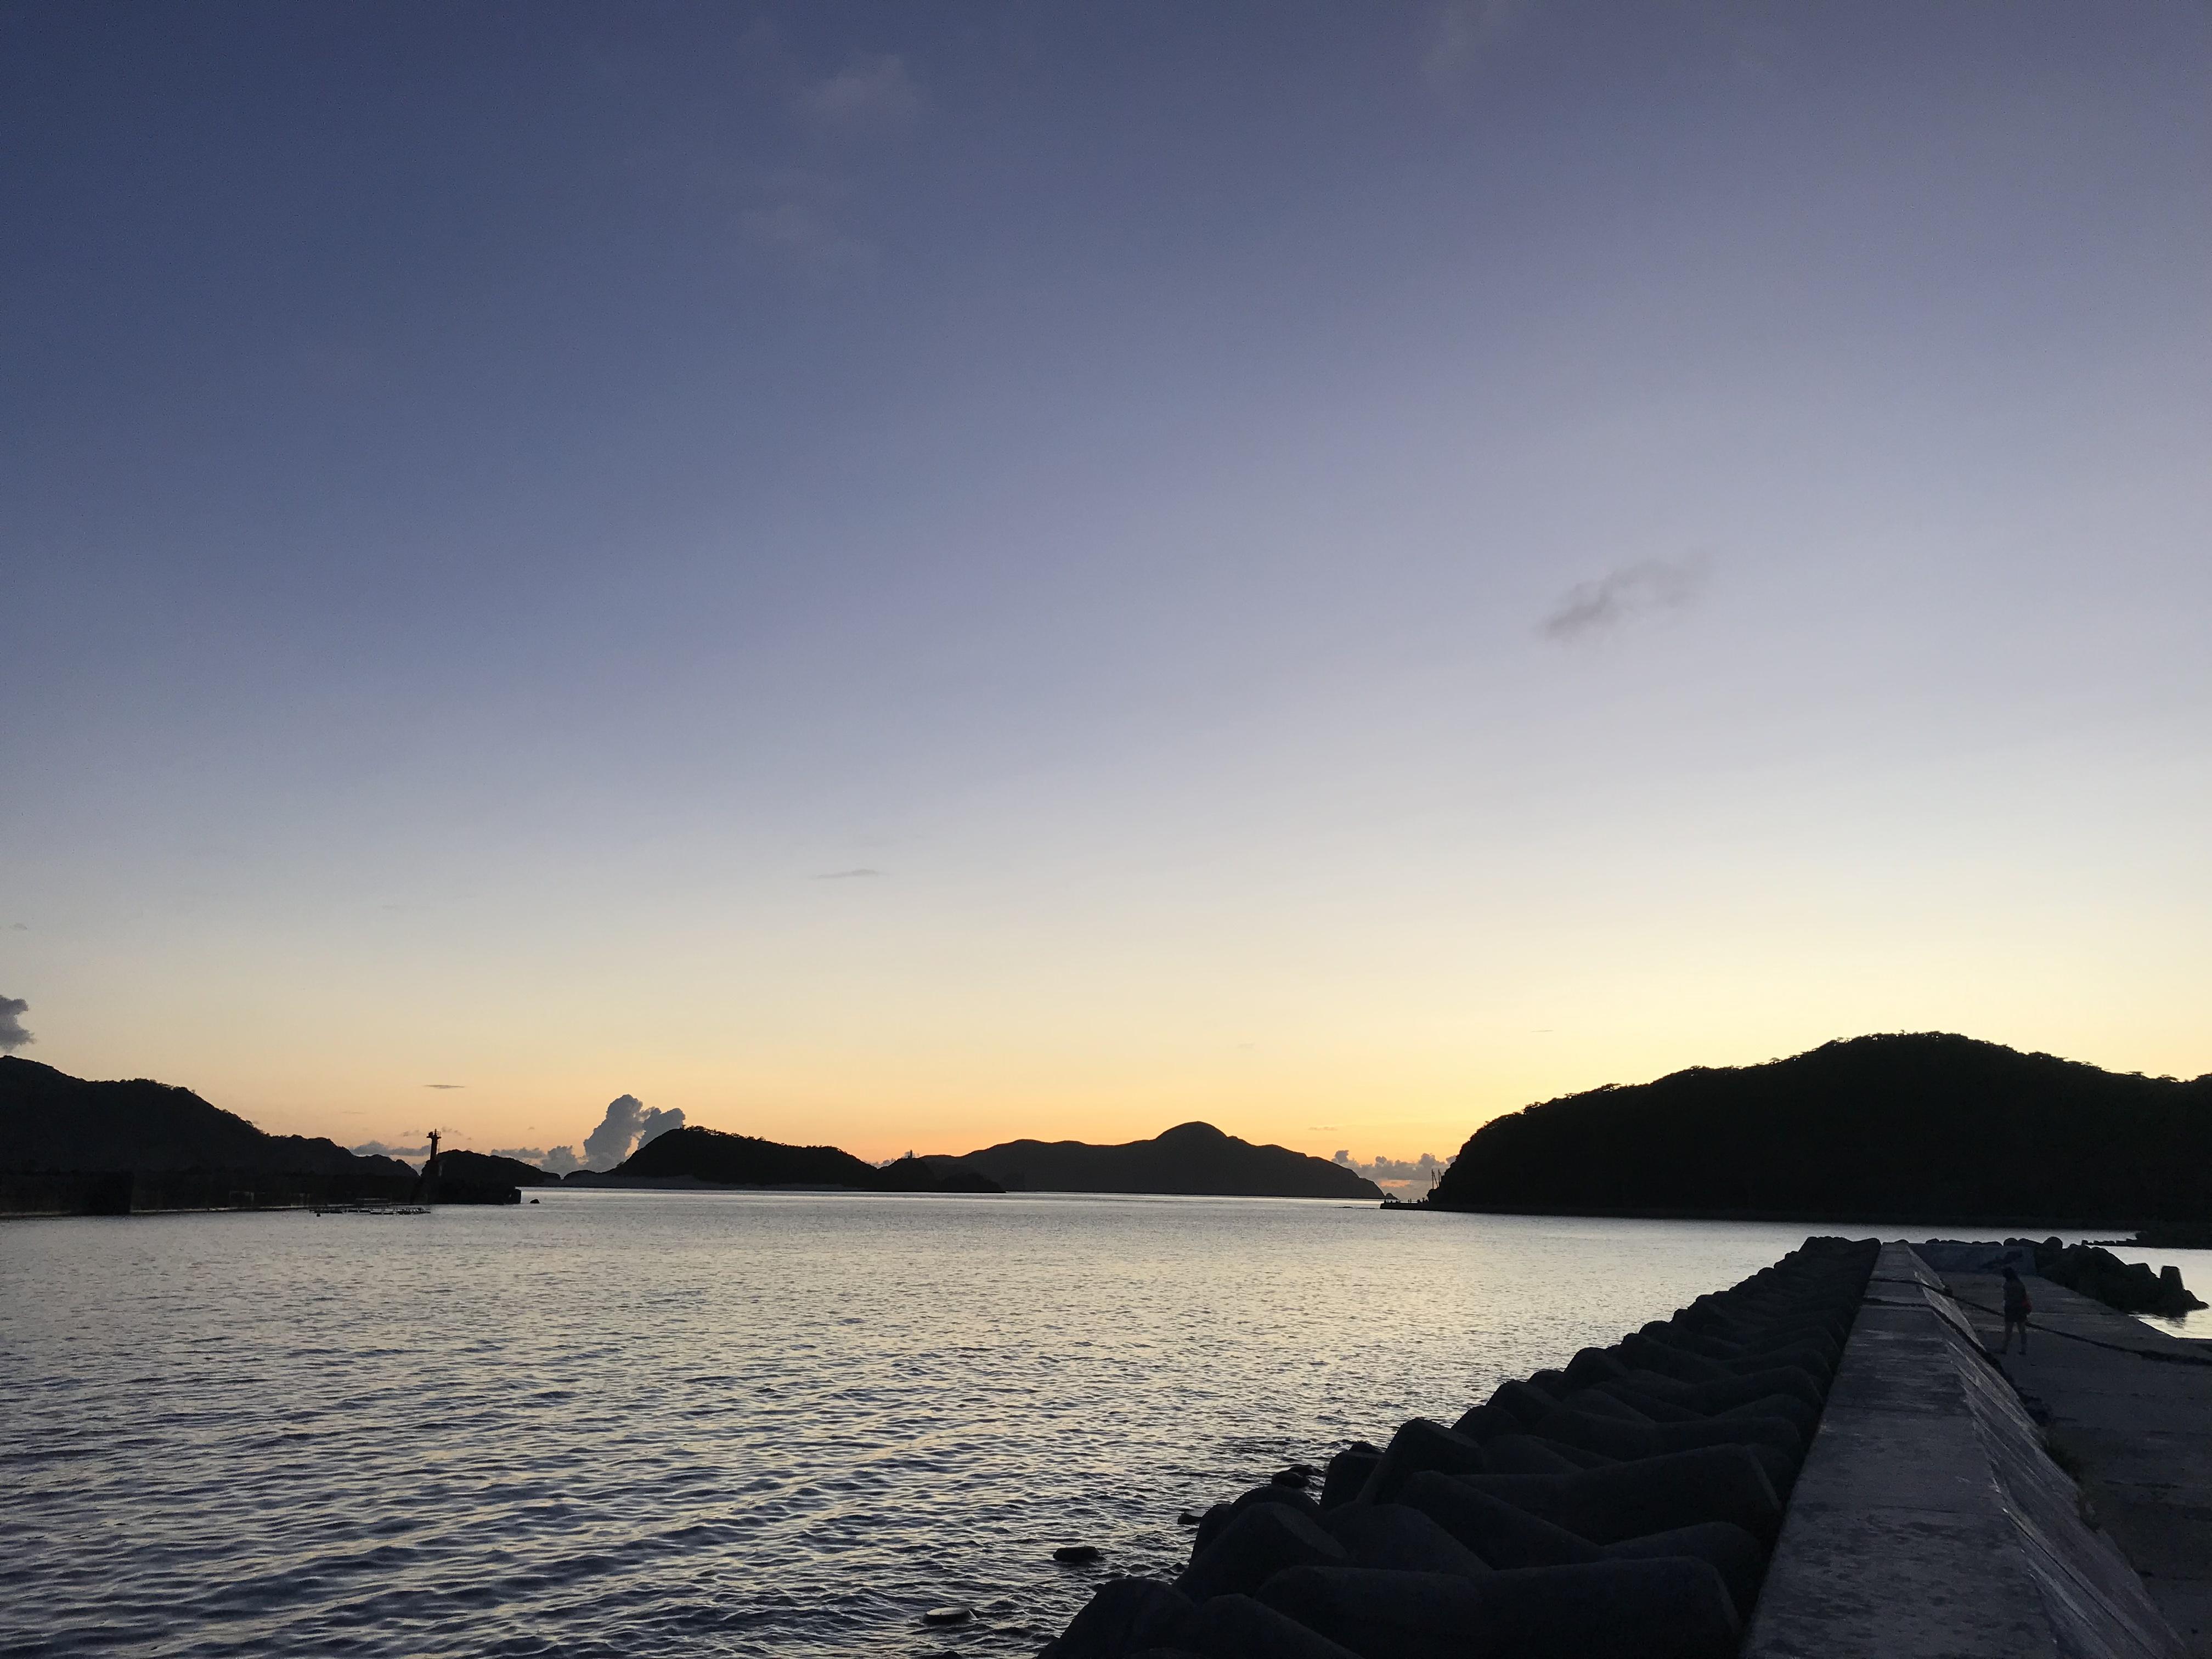 離島の夕日は別格です。。。